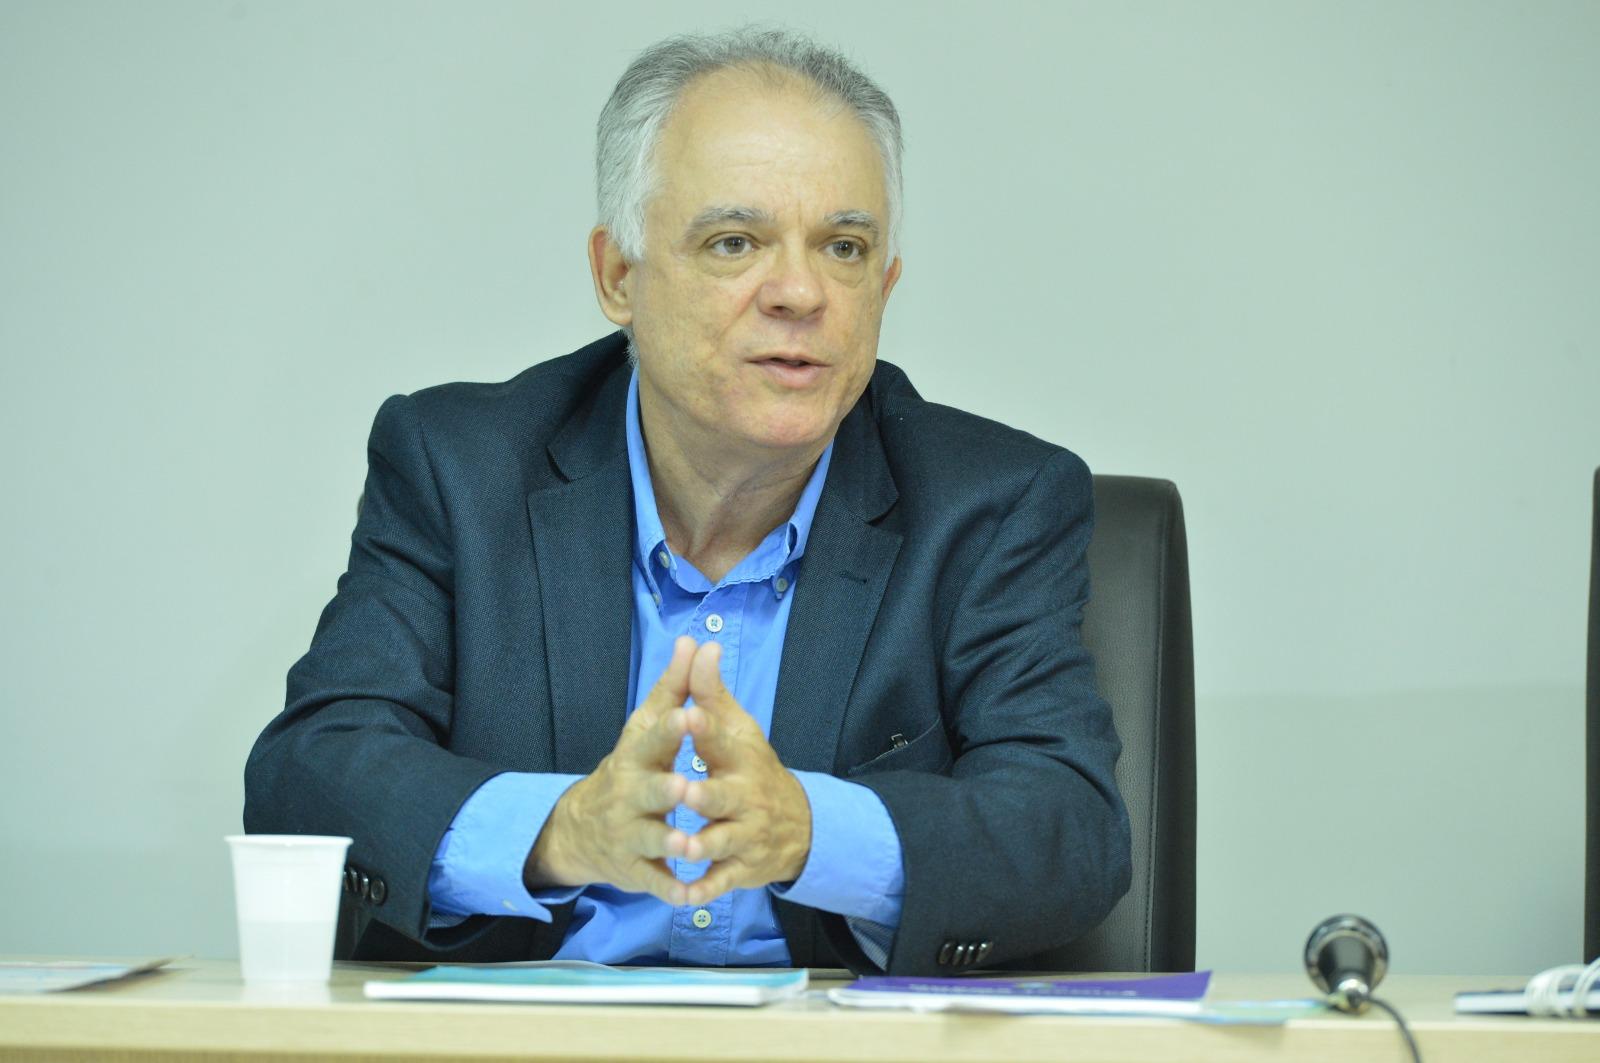 Espírito Santo inicia projeto para adotar novo modelo de gestão por OSS no Estado